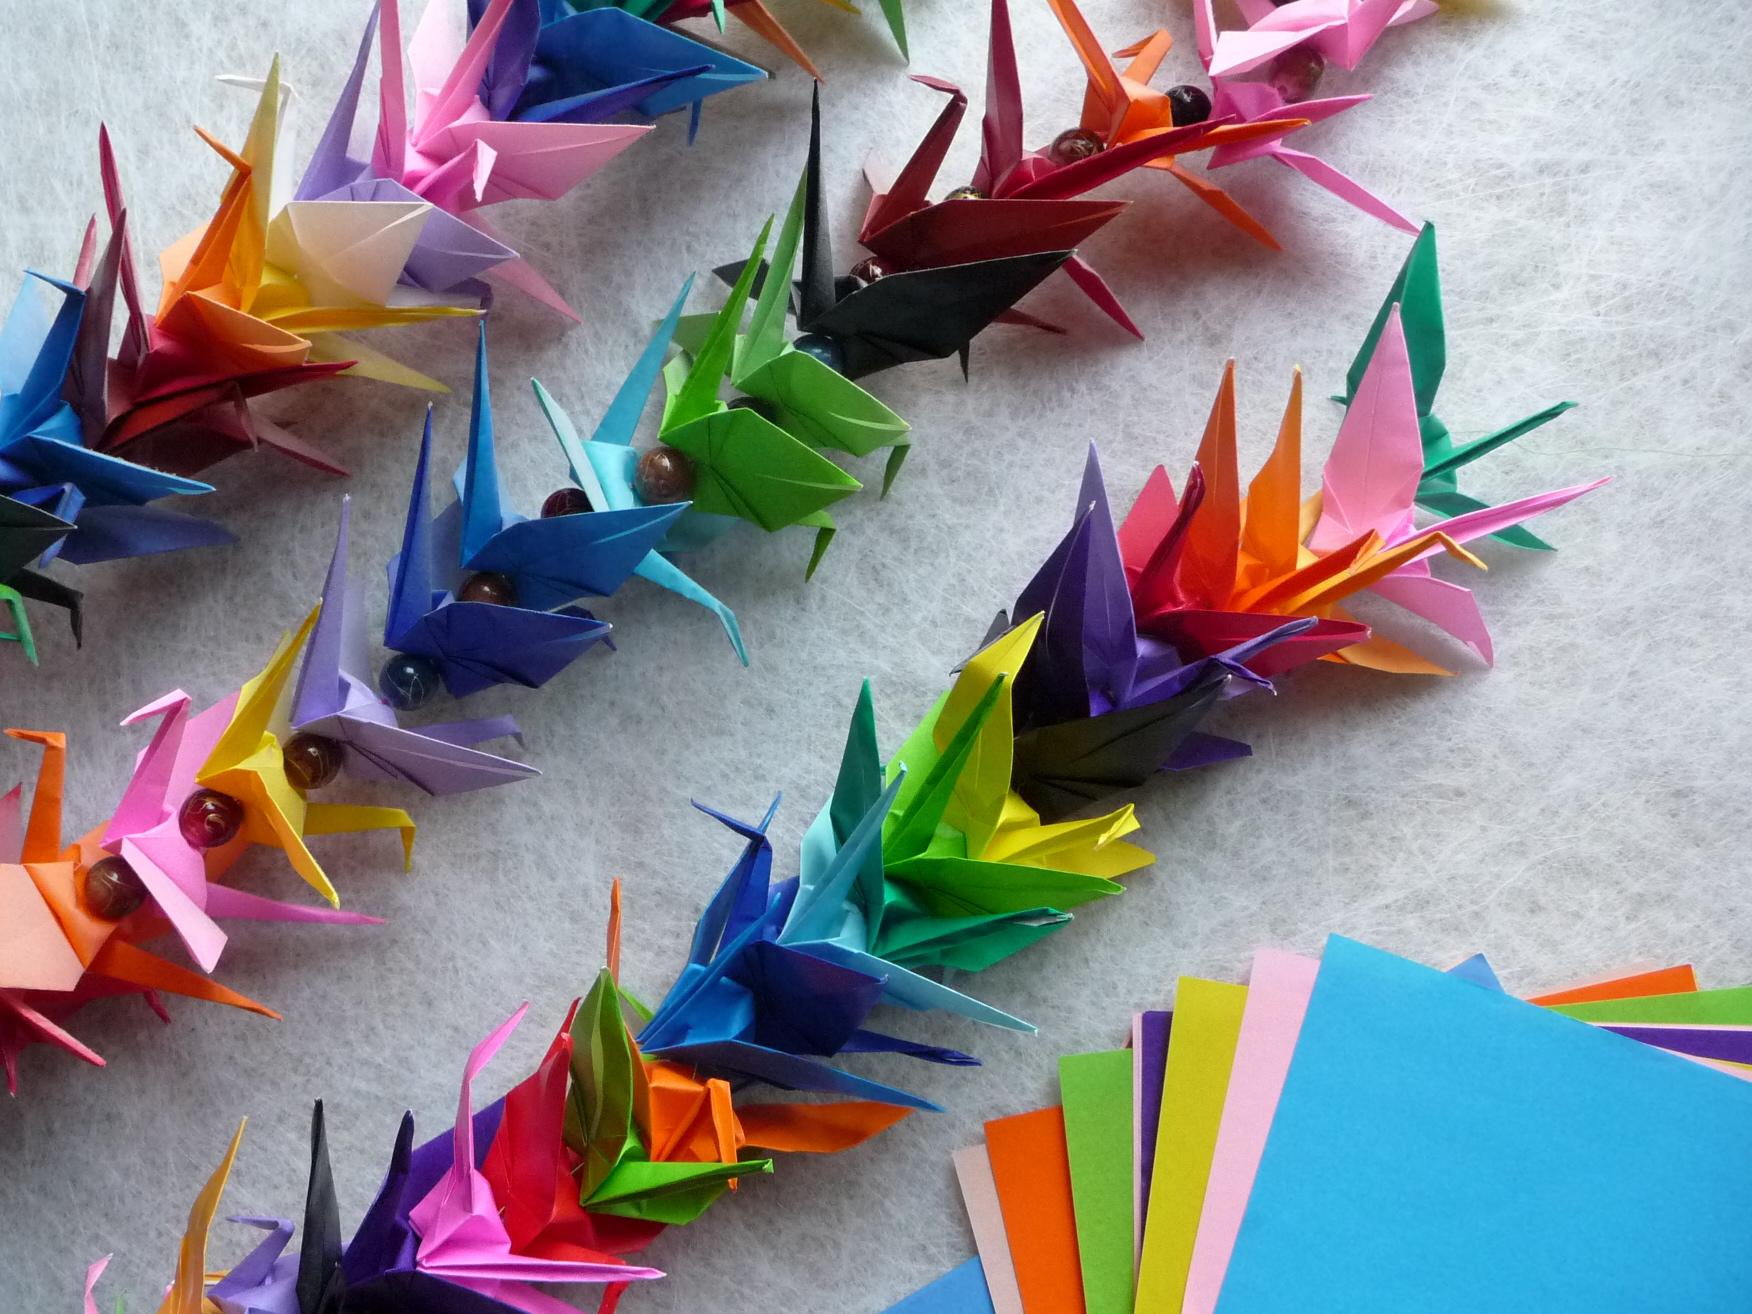 Origami crane chain artclubblog for How yo make a paper crane